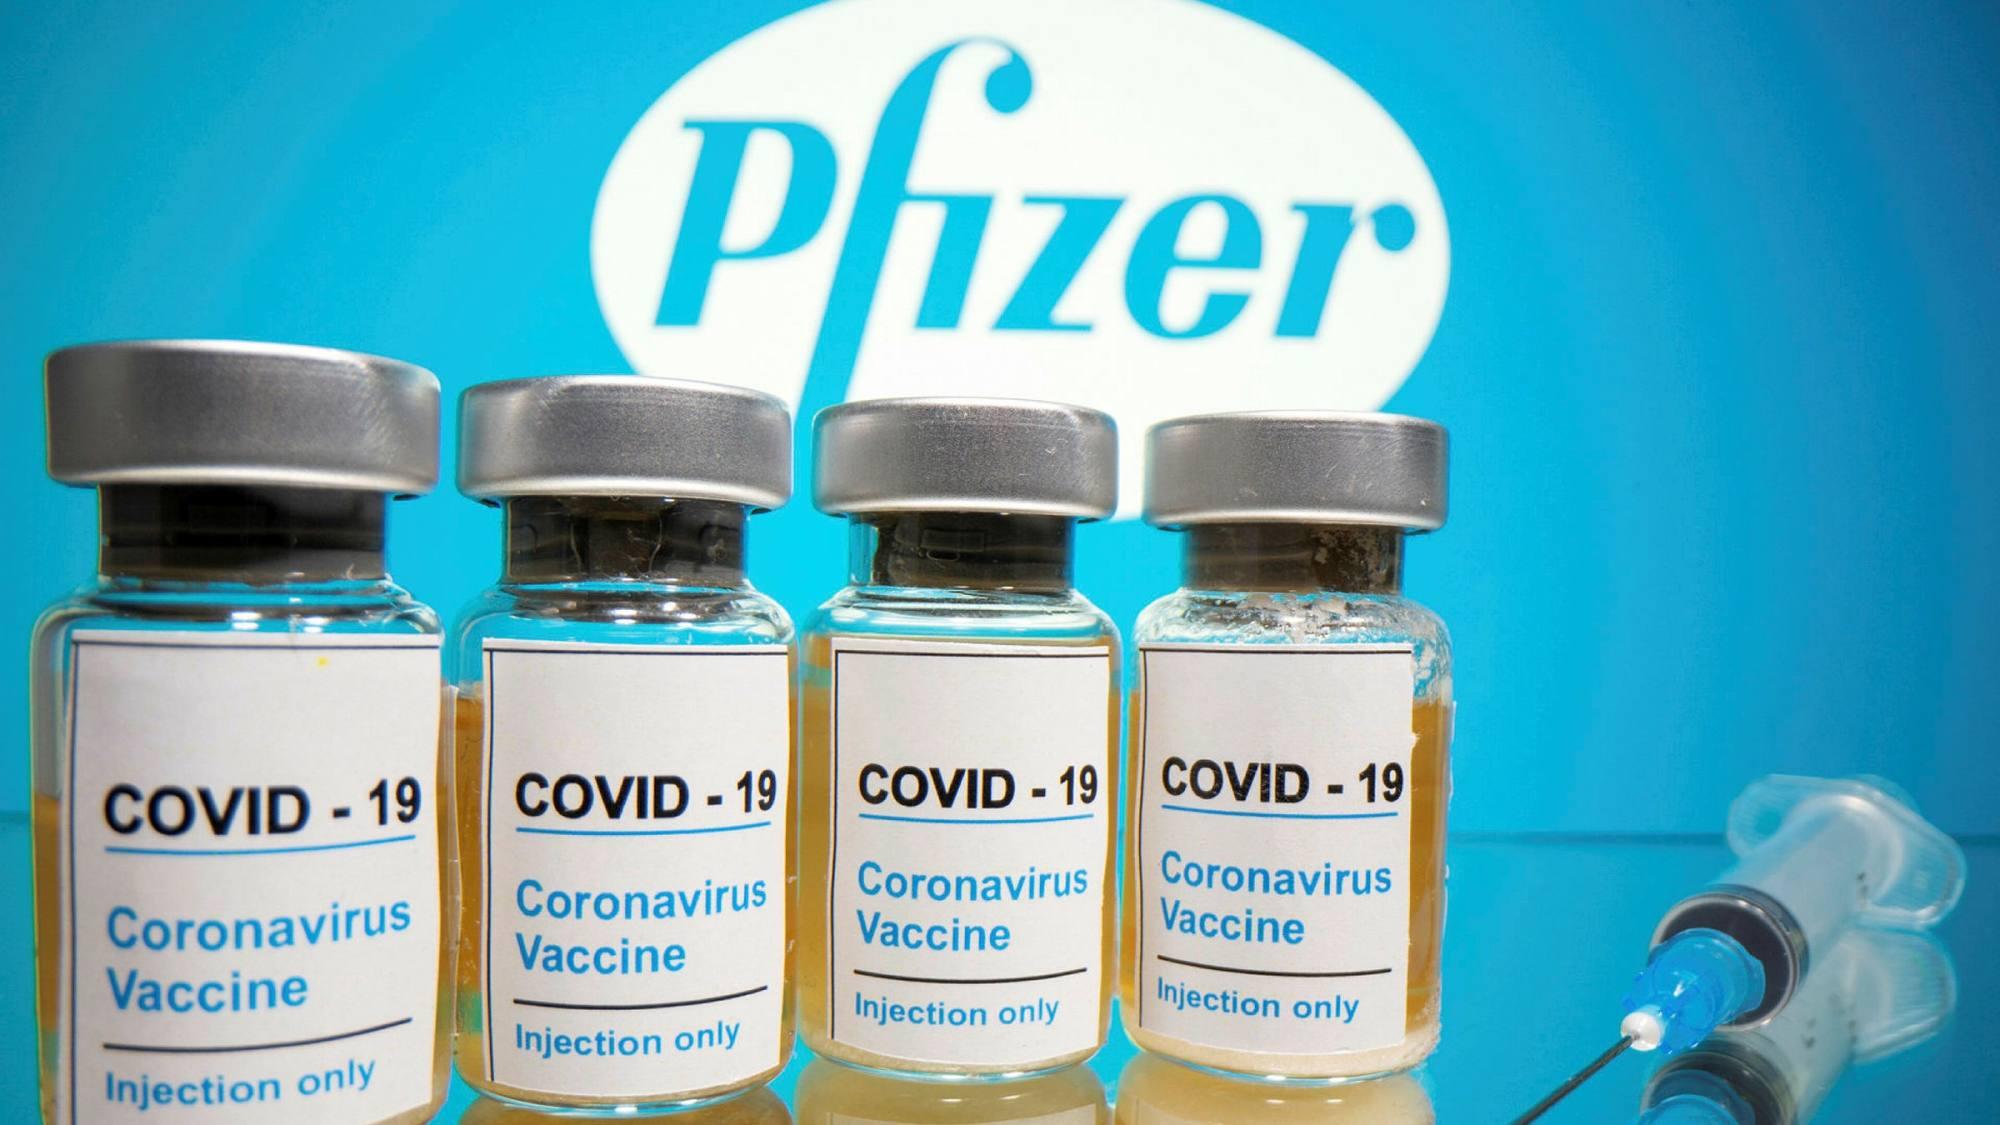 covid vaccine pfizer - Коронавирус. Вакцины. Pfizer и BioNTech: первая реальная победа над ковидом! [Обновлено]